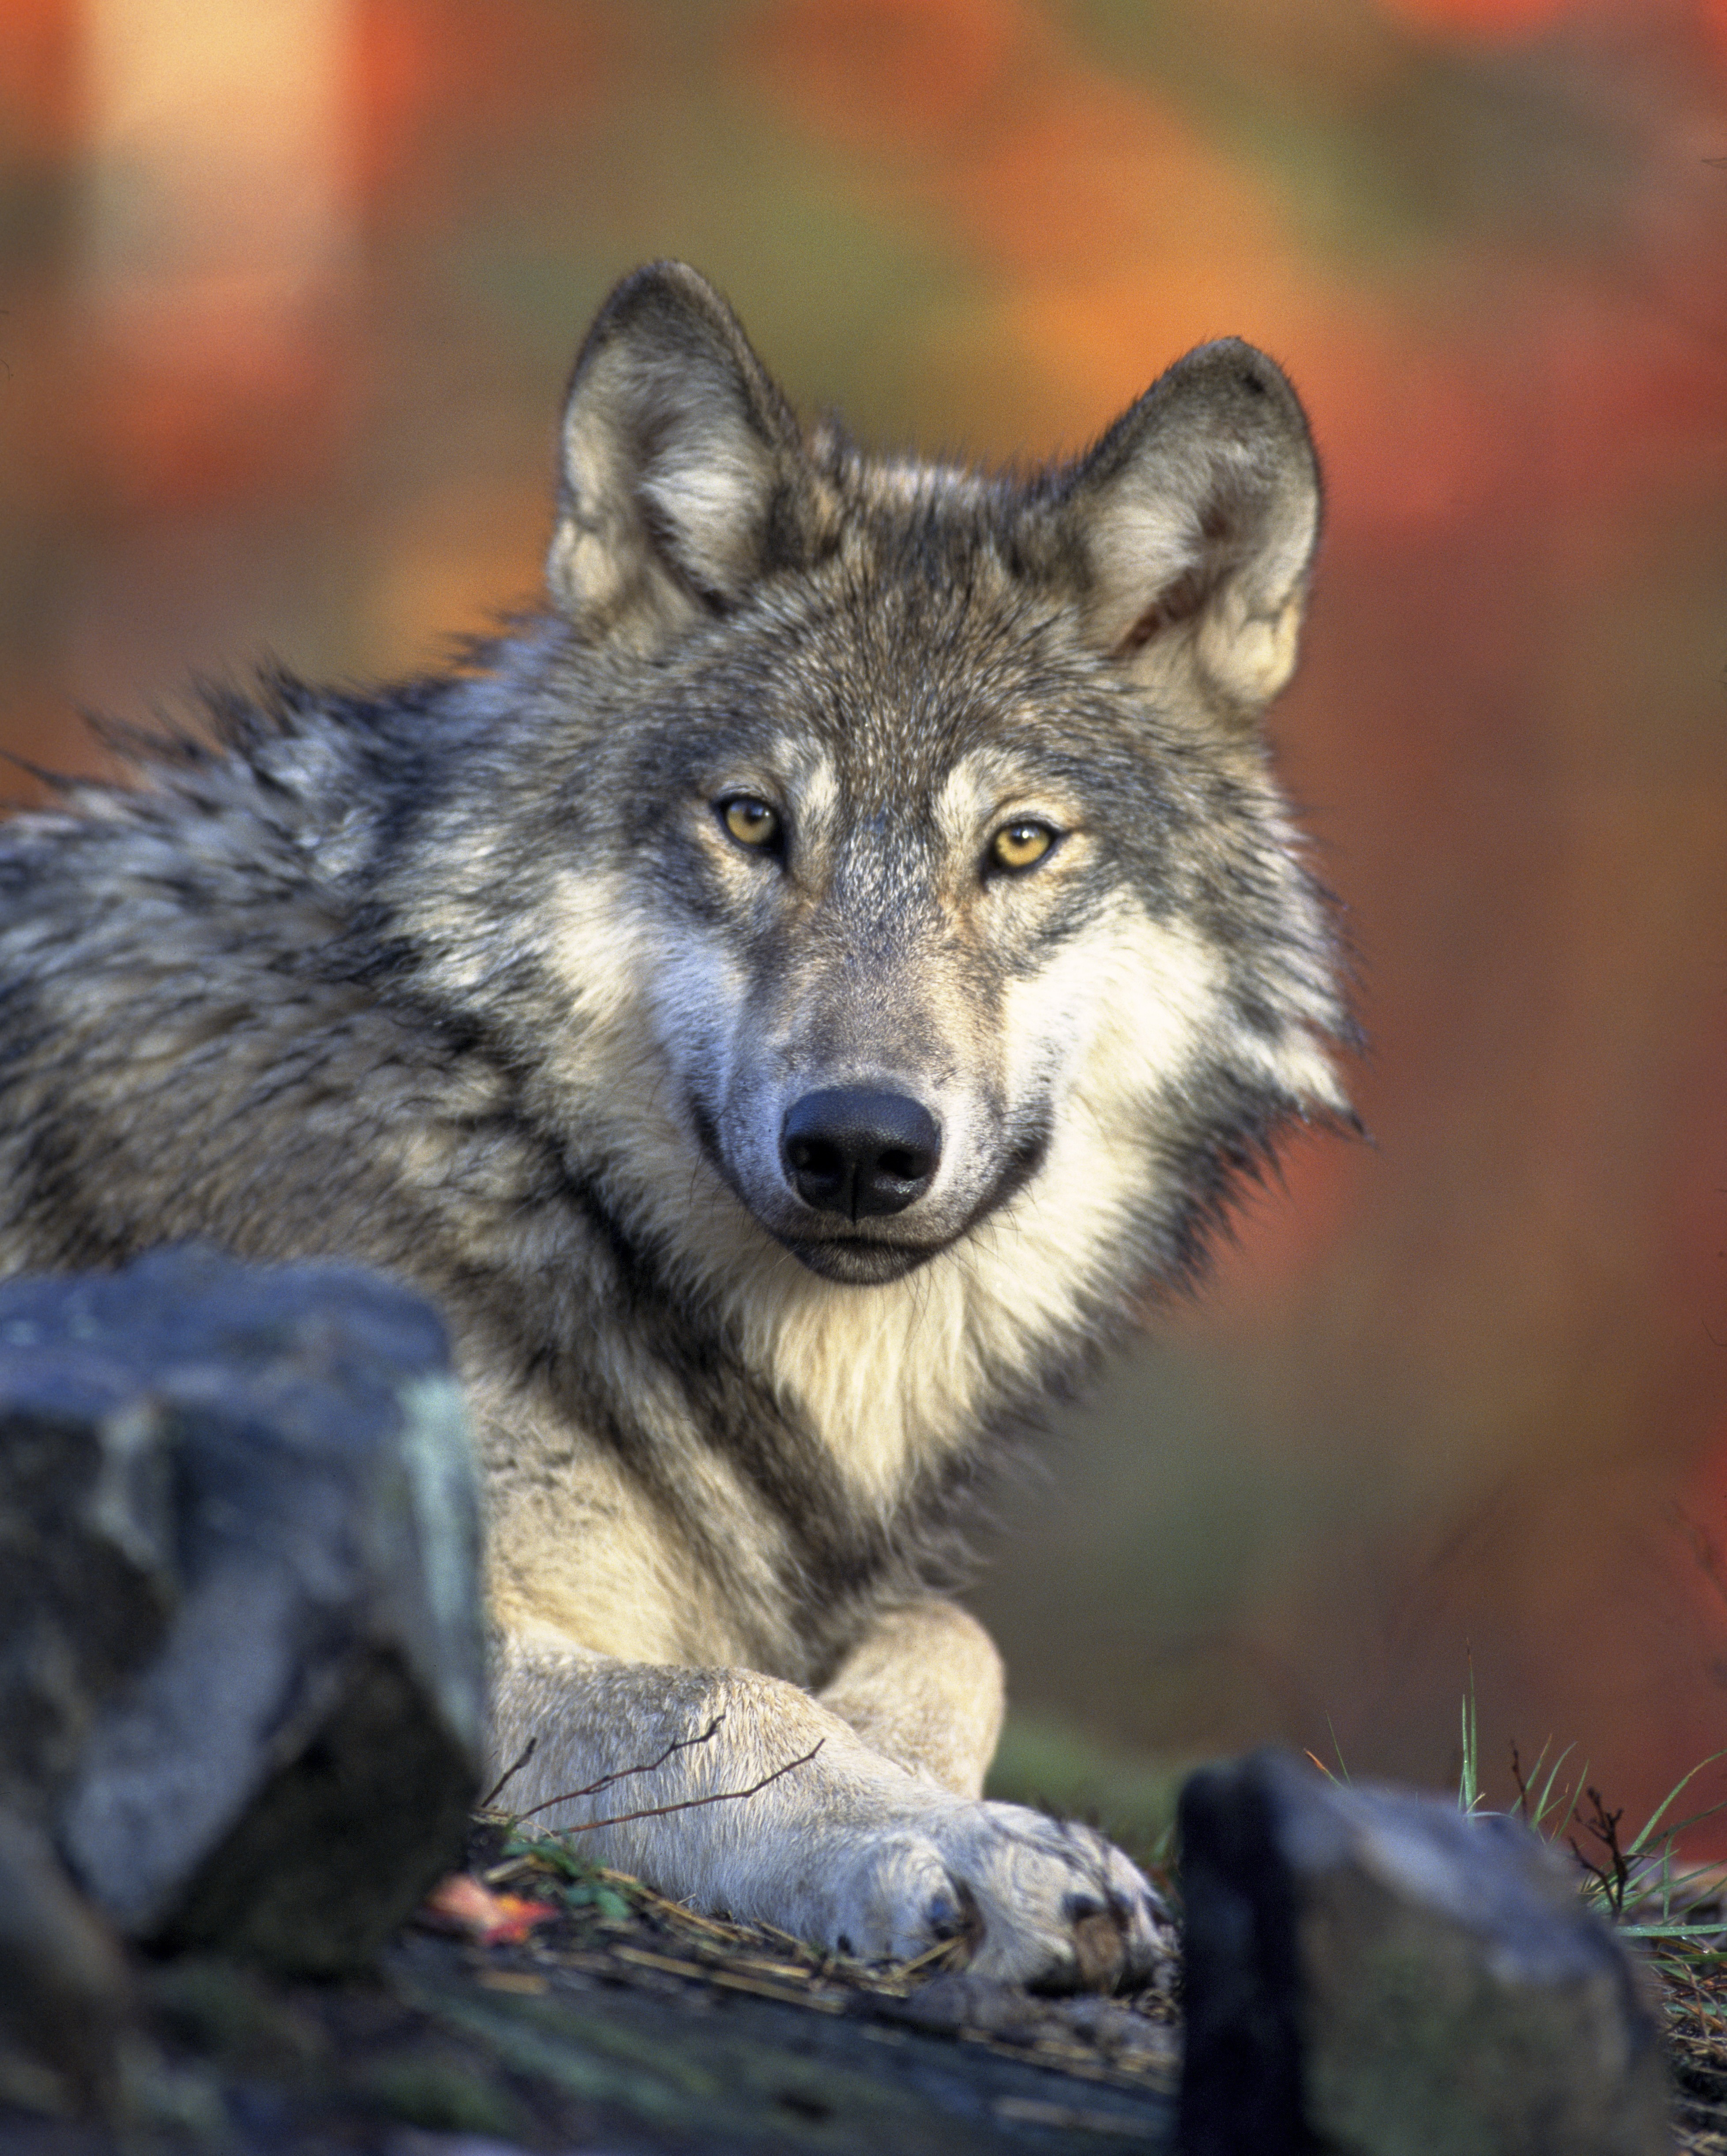 86552 Hintergrundbild 720x1280 kostenlos auf deinem Handy, lade Bilder Tiere, Hund, Schnauze, Raubtier, Predator, Wolf, Sicht, Meinung 720x1280 auf dein Handy herunter